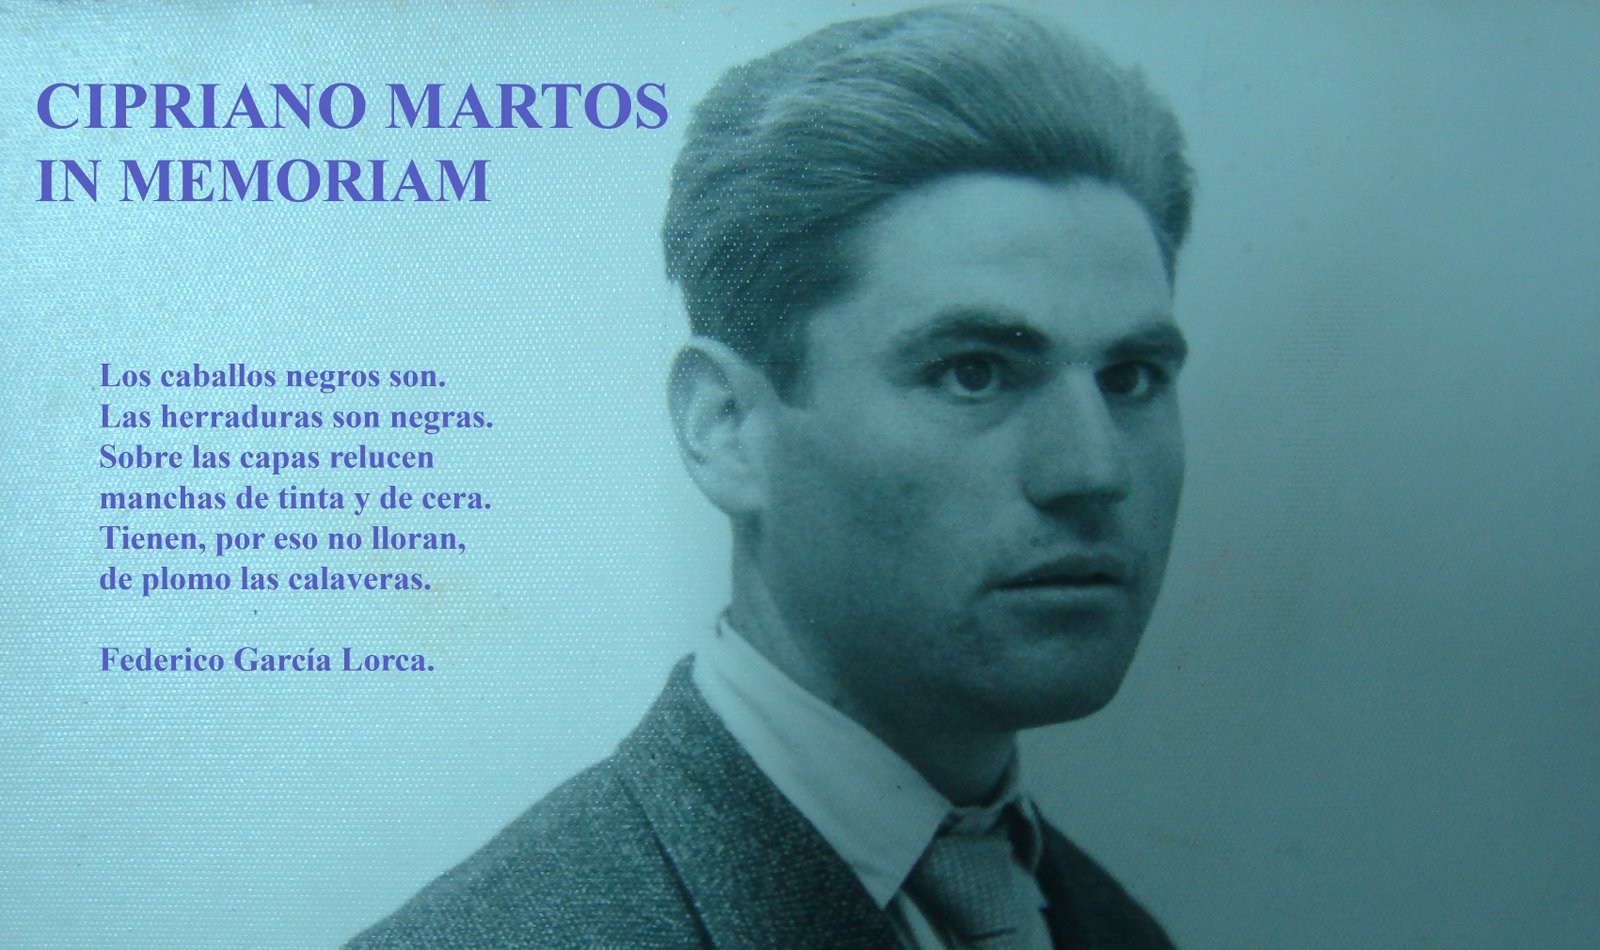 Cipriano Martos in memoriam